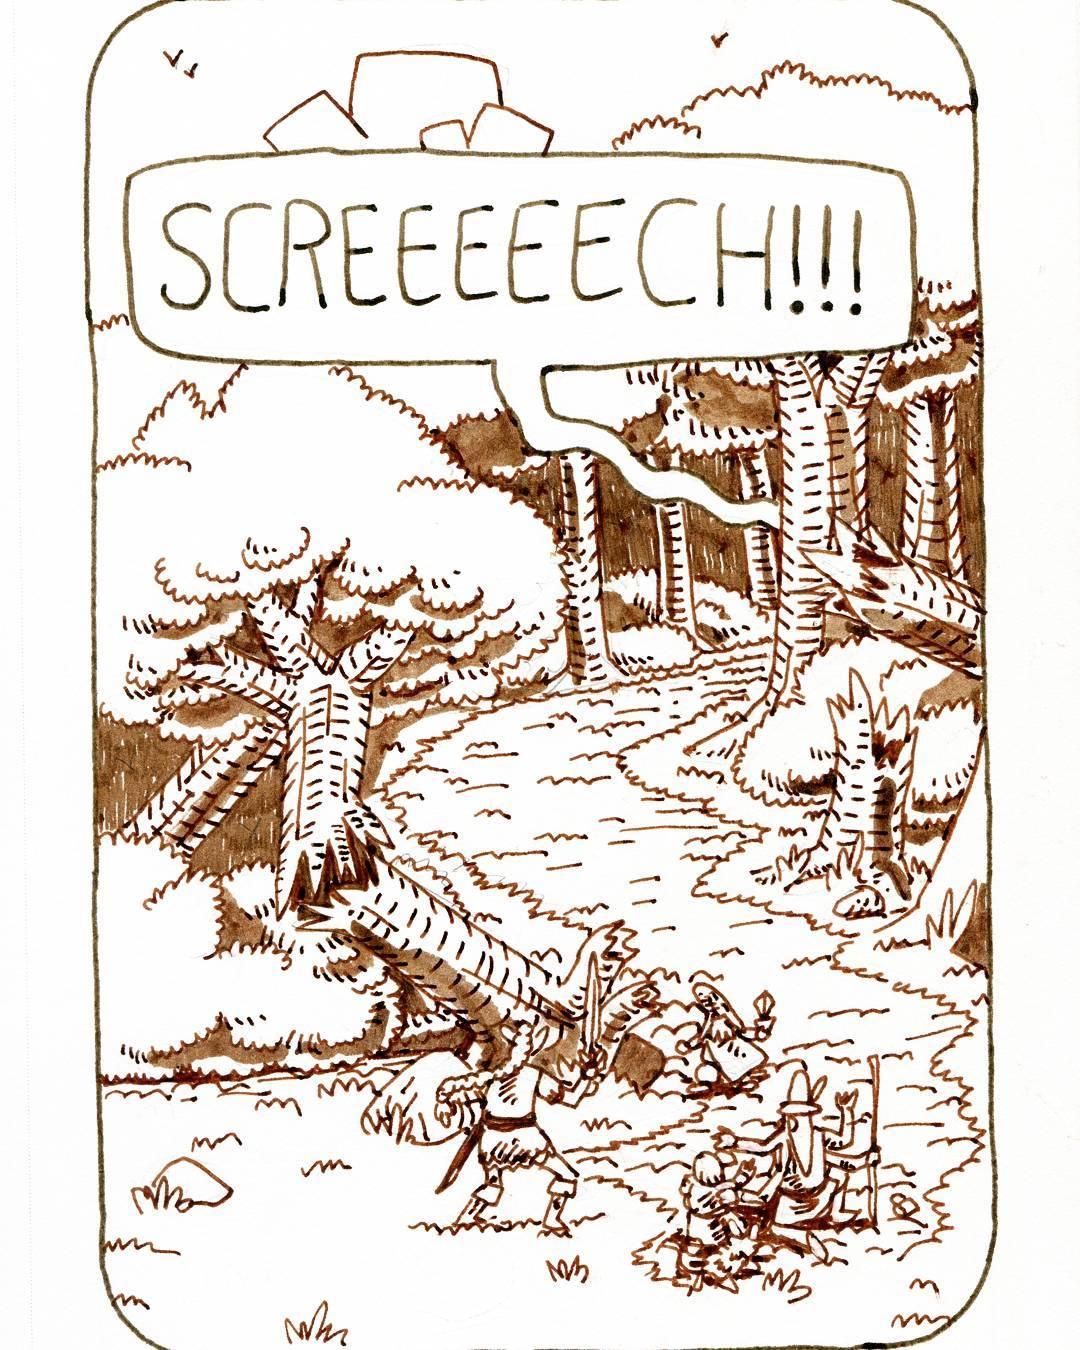 """redjarojam """"Screech"""", Inktober 09 - by Jared DeCosta (redjarojam) www.instagram.com/redjarojam (2017-10) © dell'autore tutti i diritti riservati"""